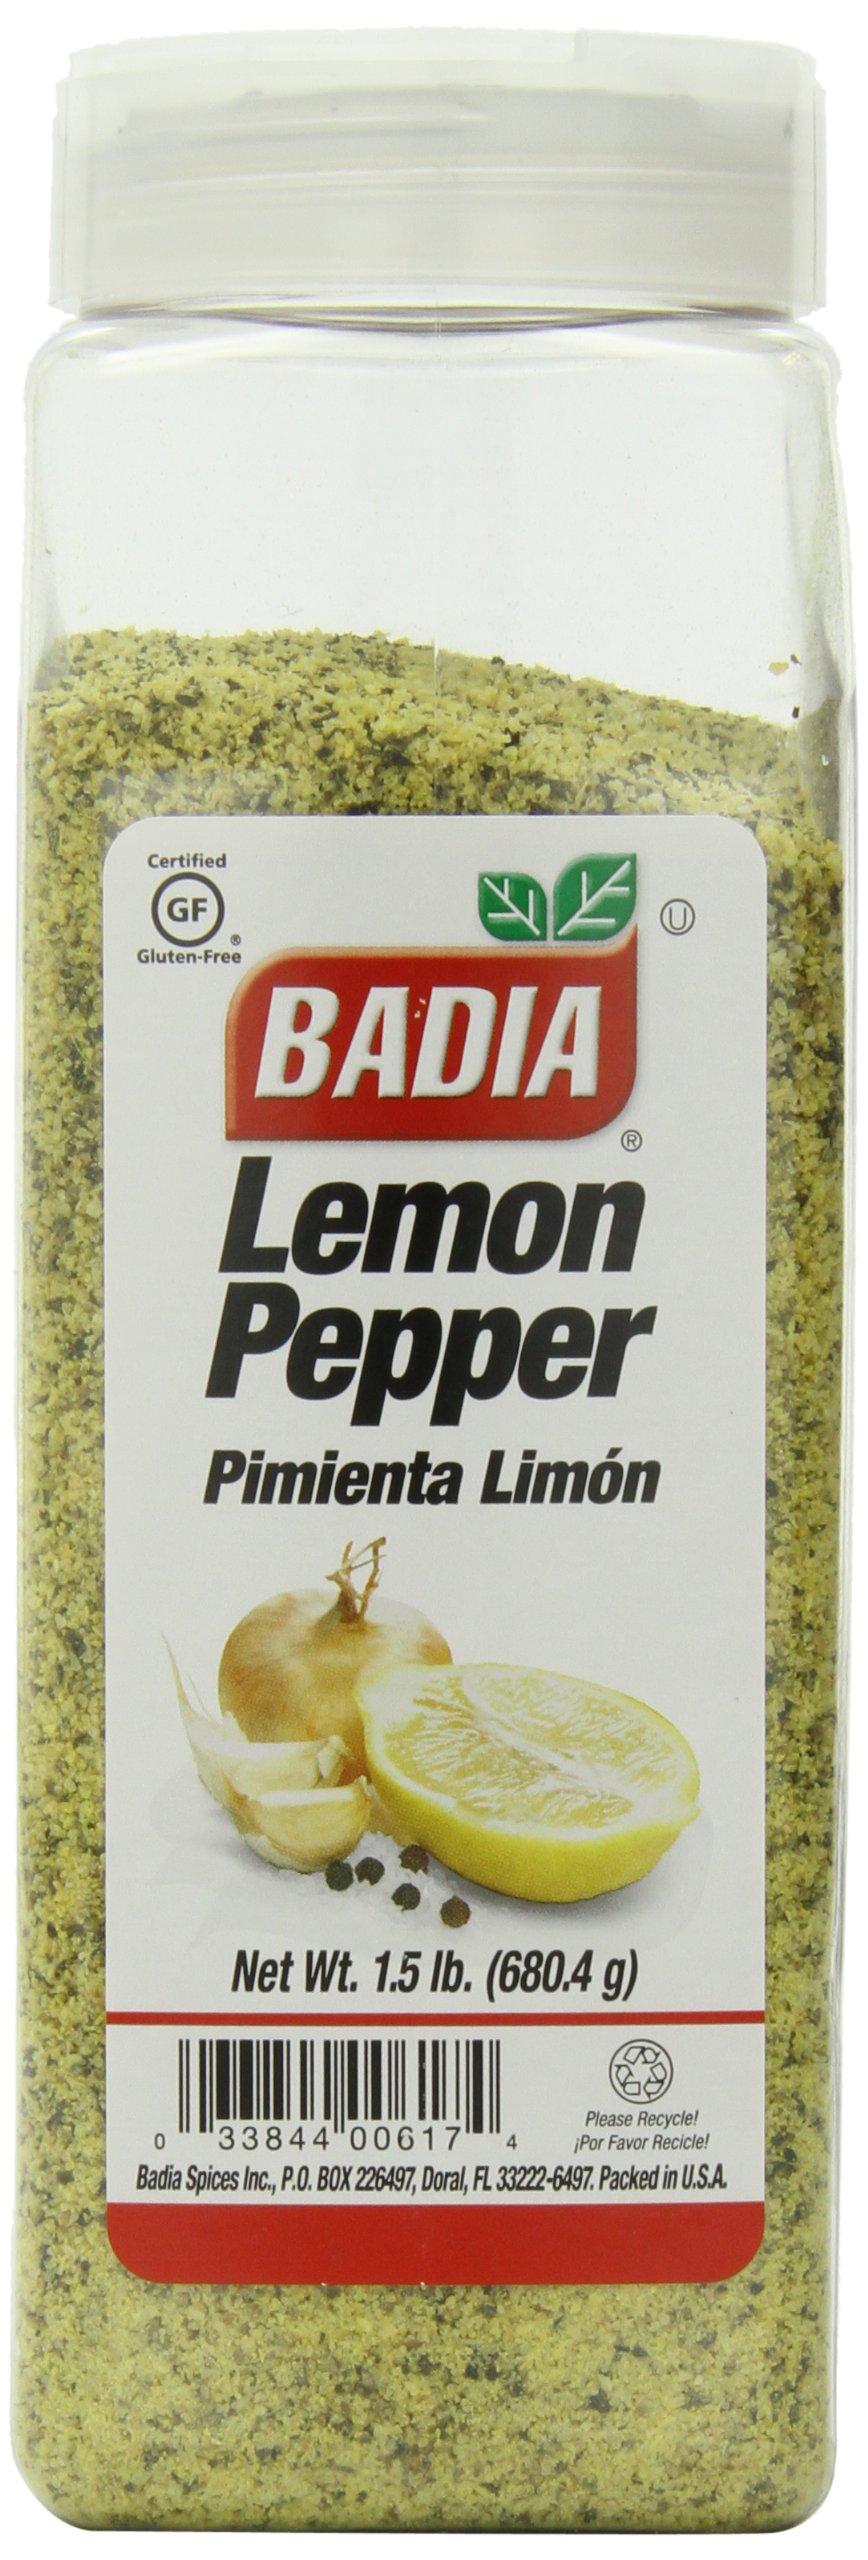 Badia Lemon Pepper, 1.5-pounds (Pack of 6)